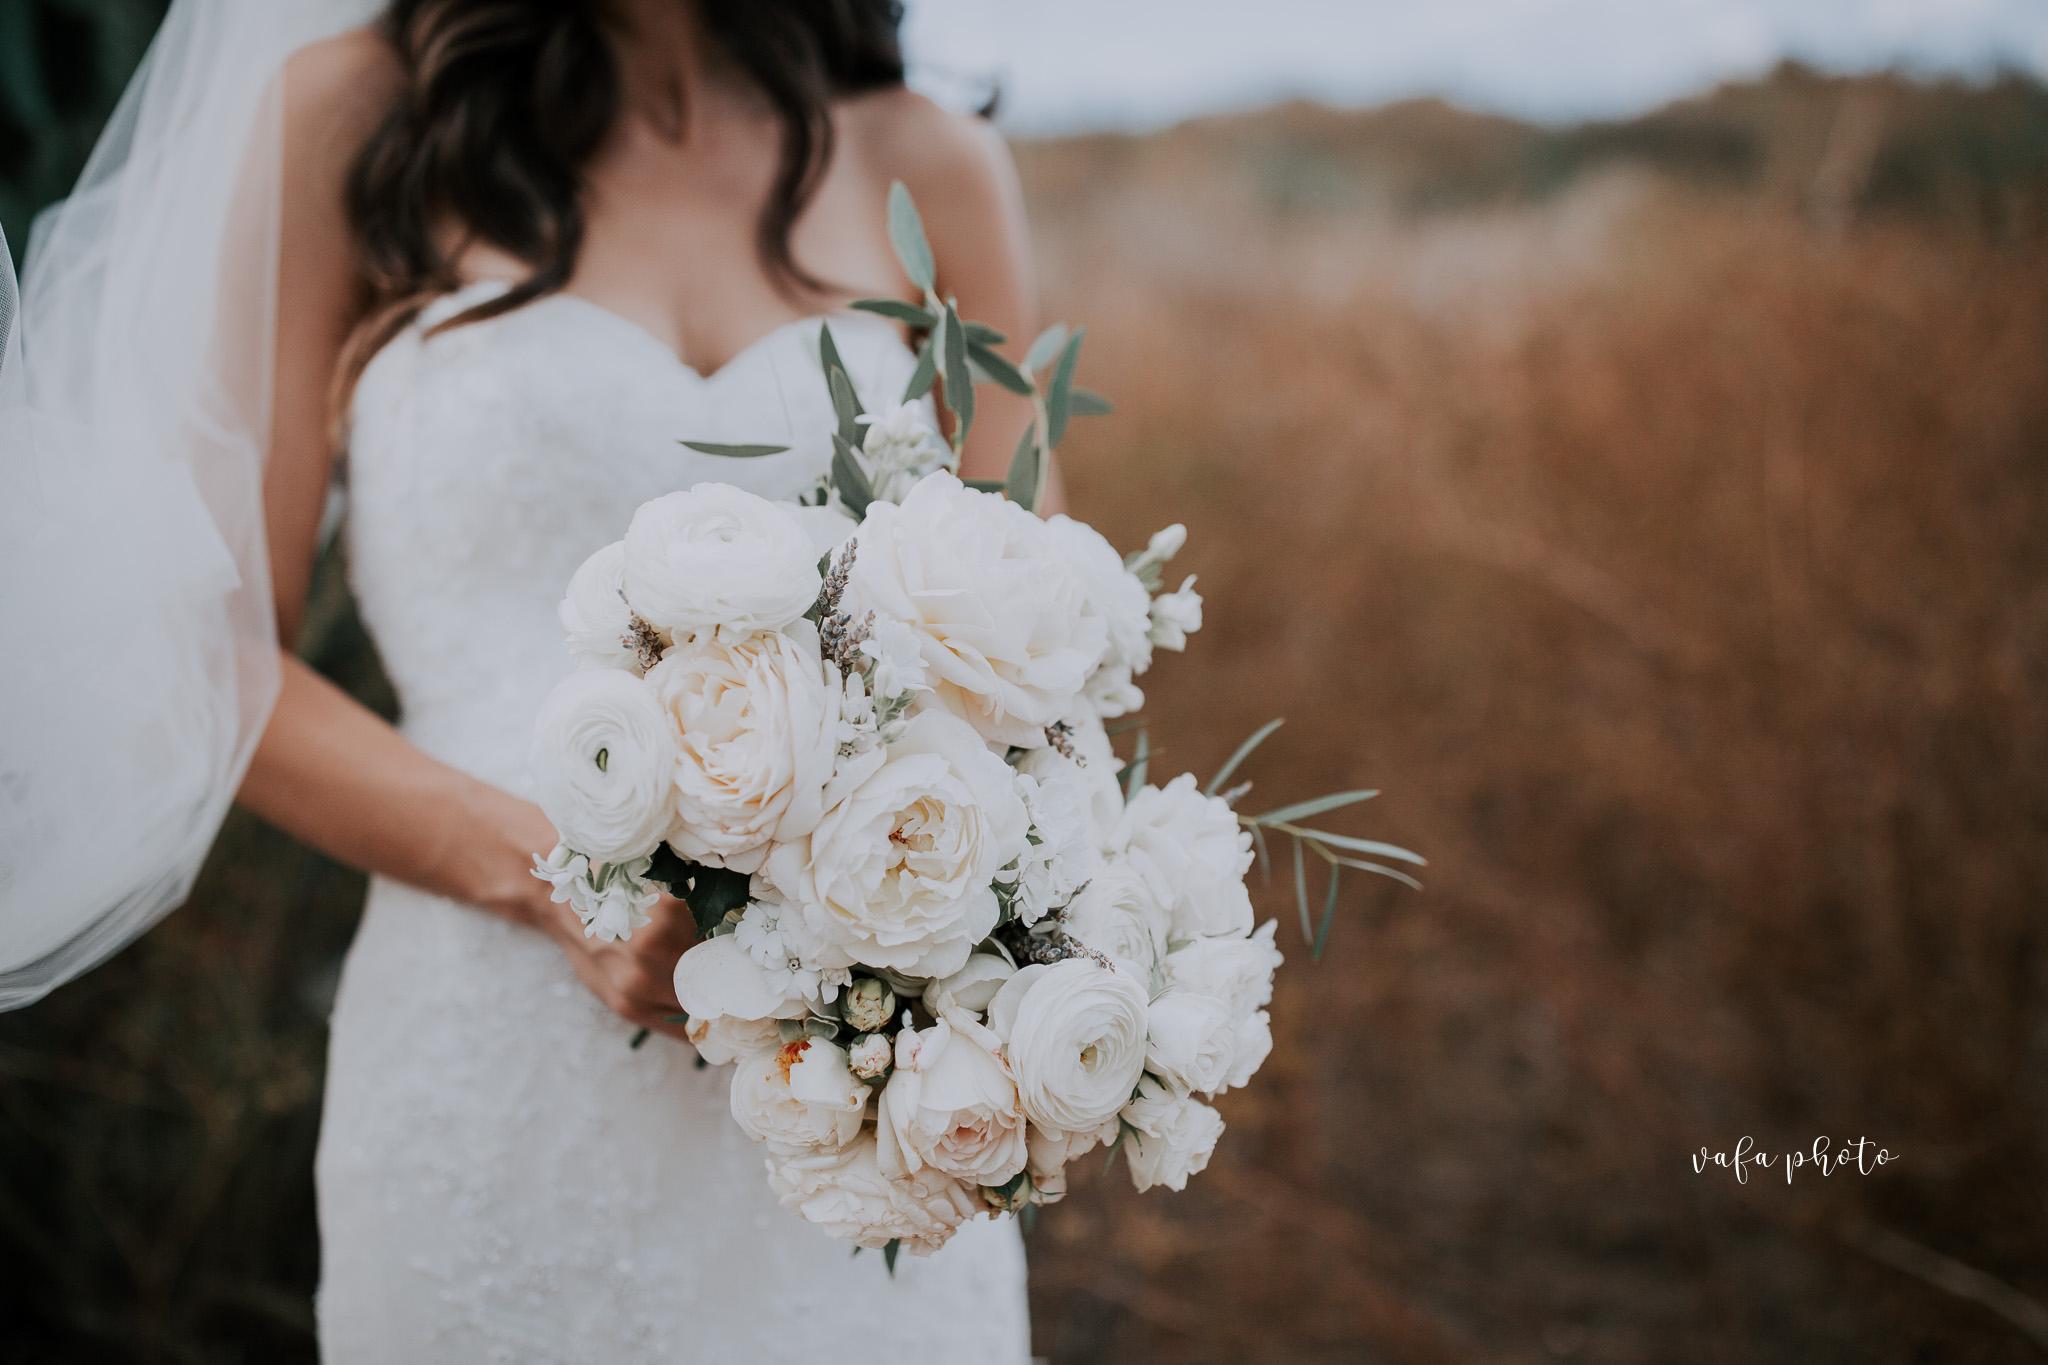 Southern-California-Wedding-Britt-Nilsson-Jeremy-Byrne-Vafa-Photo-605.jpg